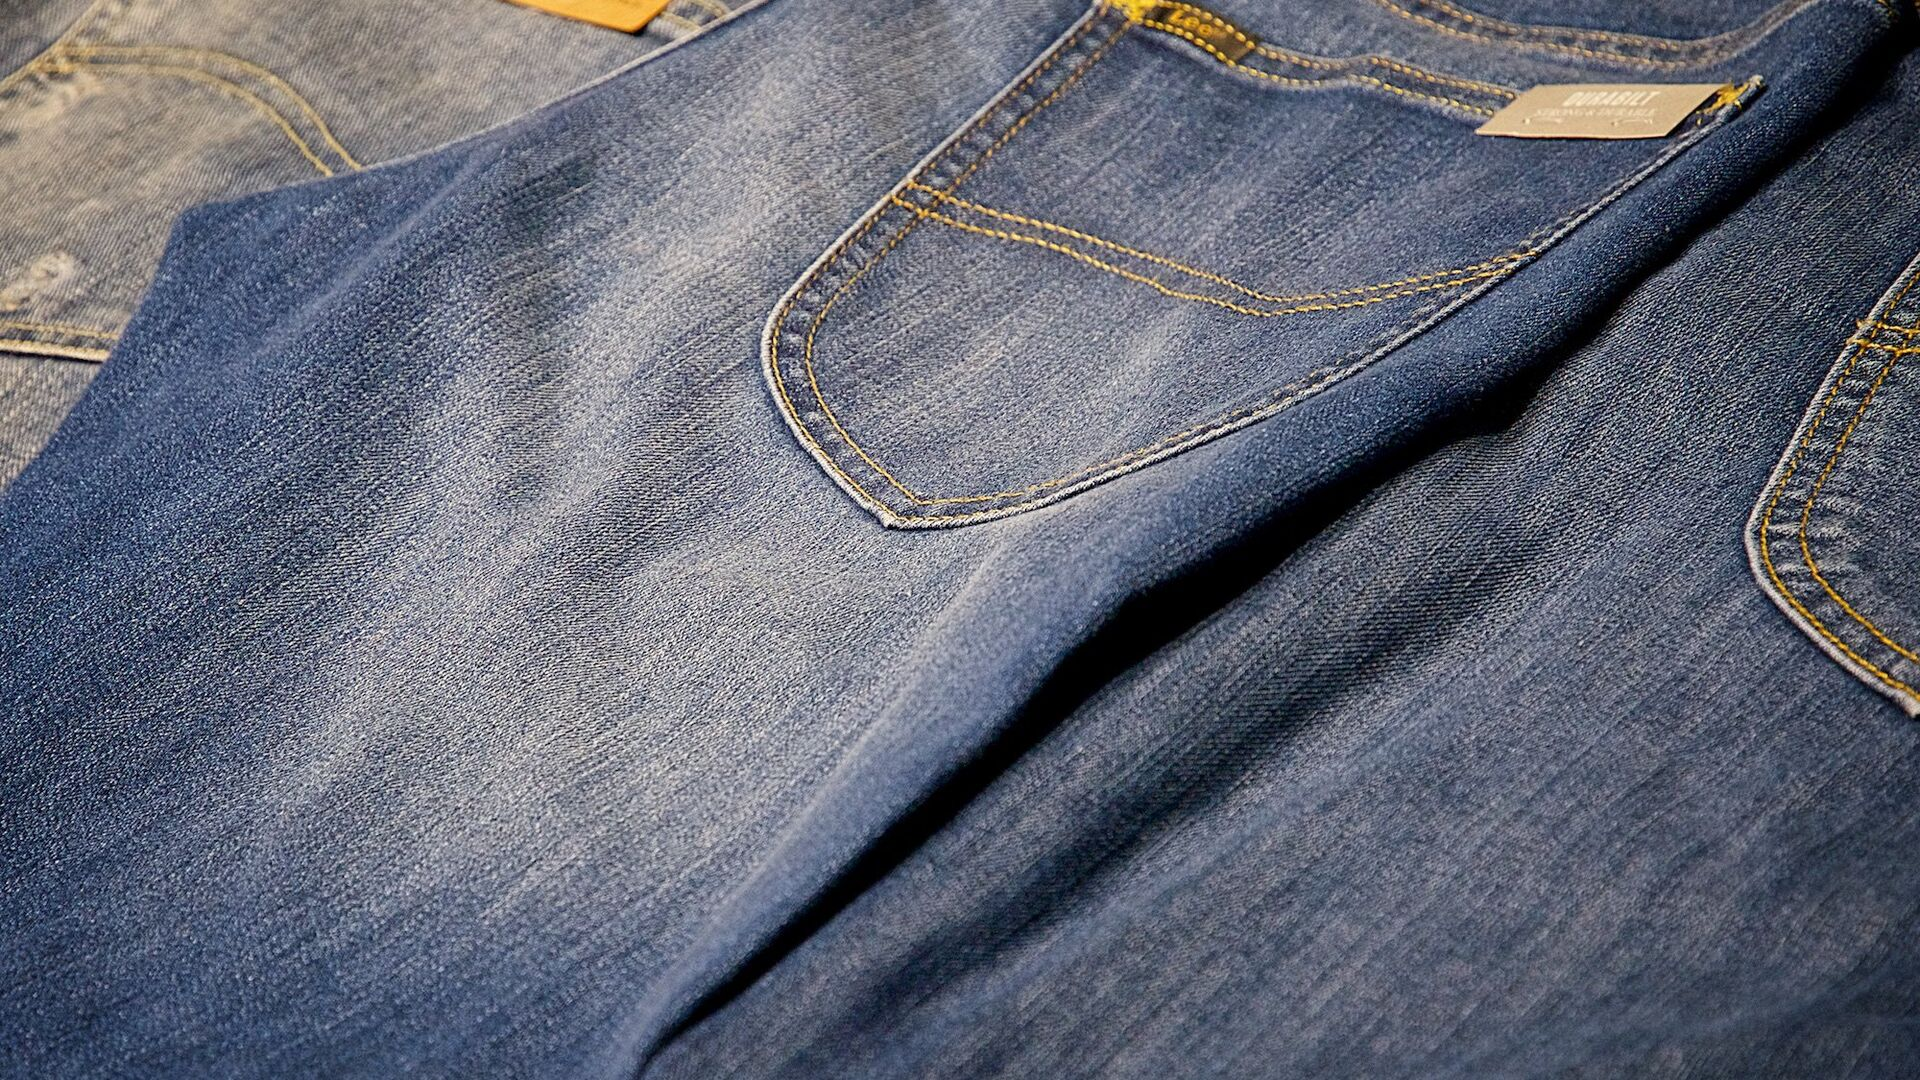 Новые джинсы в магазине - Sputnik Грузия, 1920, 11.09.2021